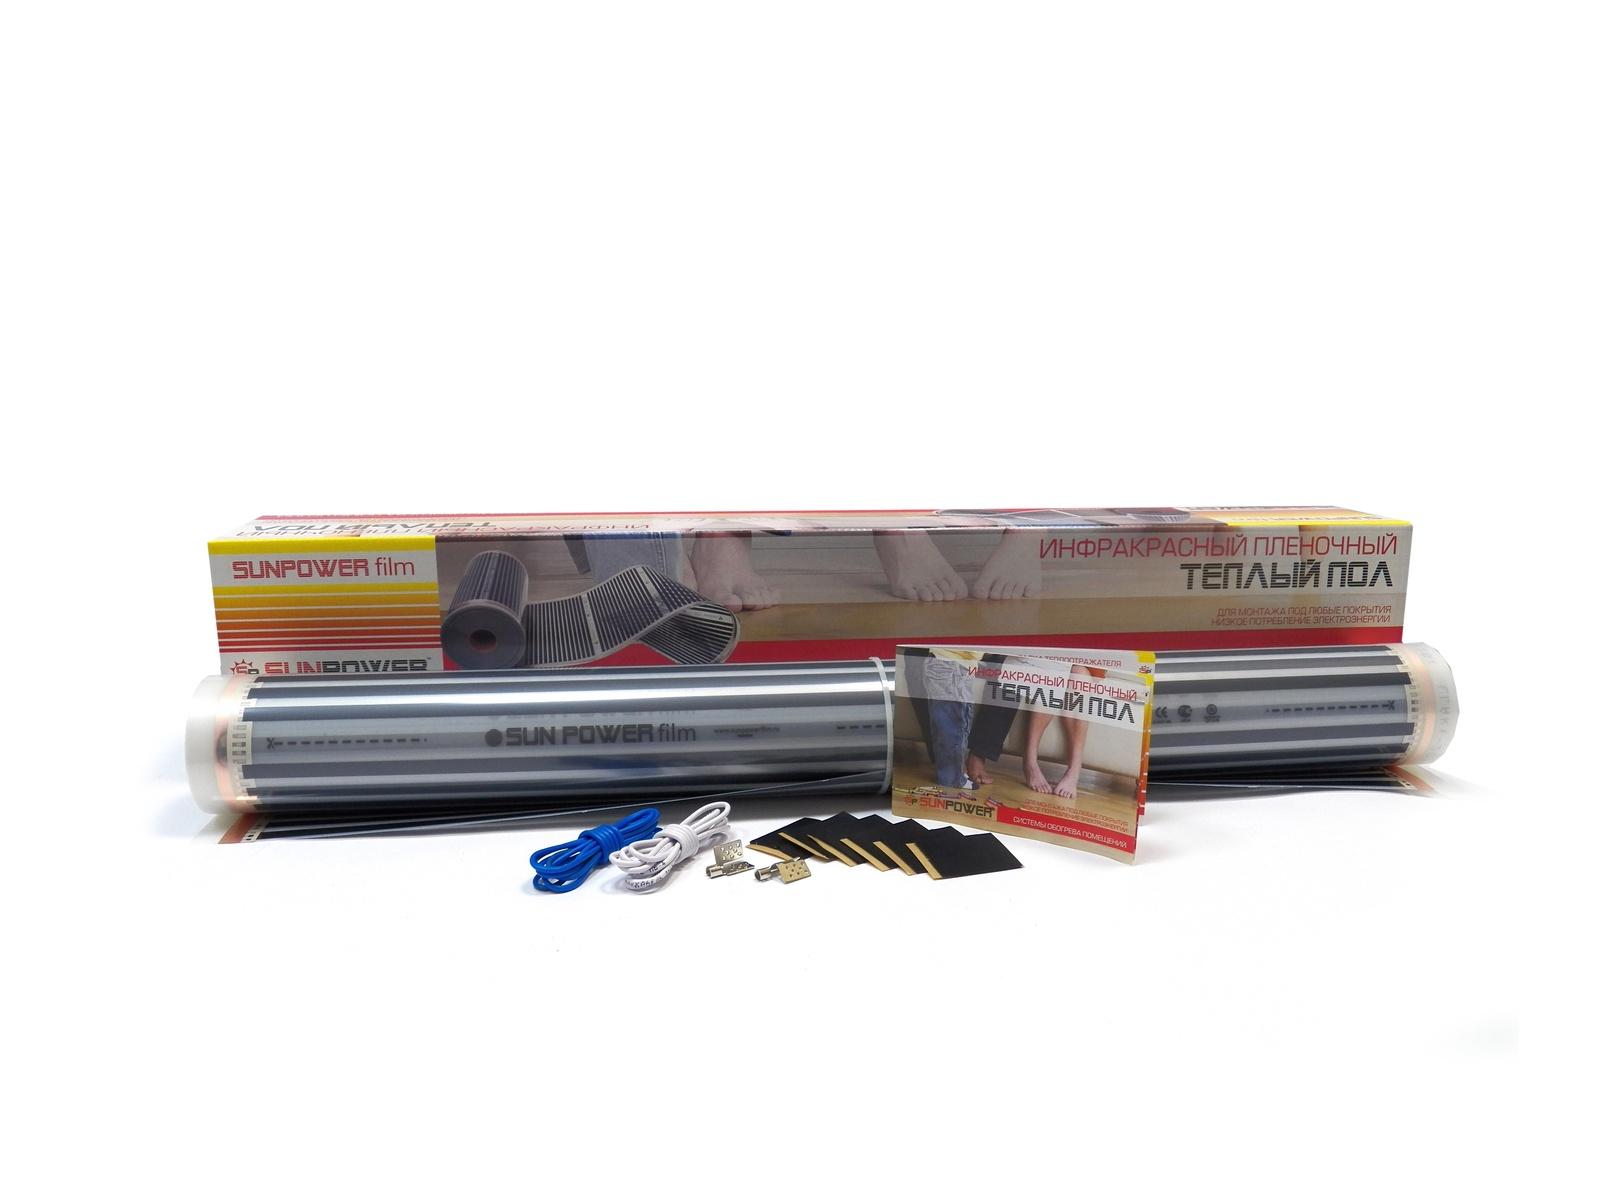 все цены на Комплект теплого пола SunPower SPF 80/220/7, инфракрасный, пленочный, 220Вт, 80 см, 7 м онлайн